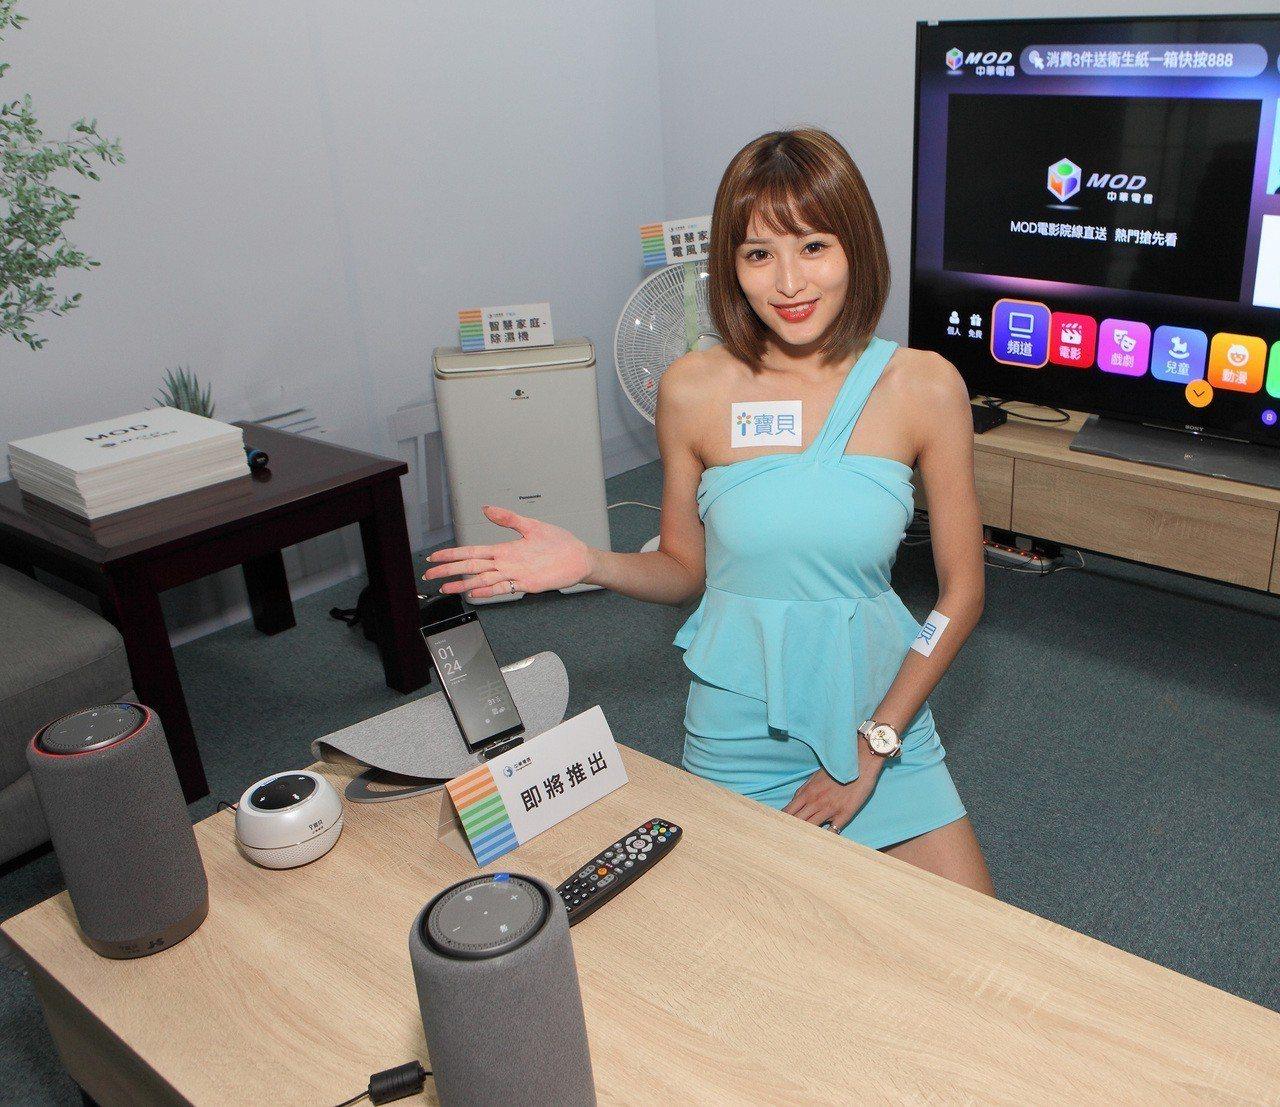 中華電信「i寶貝智慧聲控服務平台」,可搭載多款智慧音箱及mod專屬聲控遙控器,只...